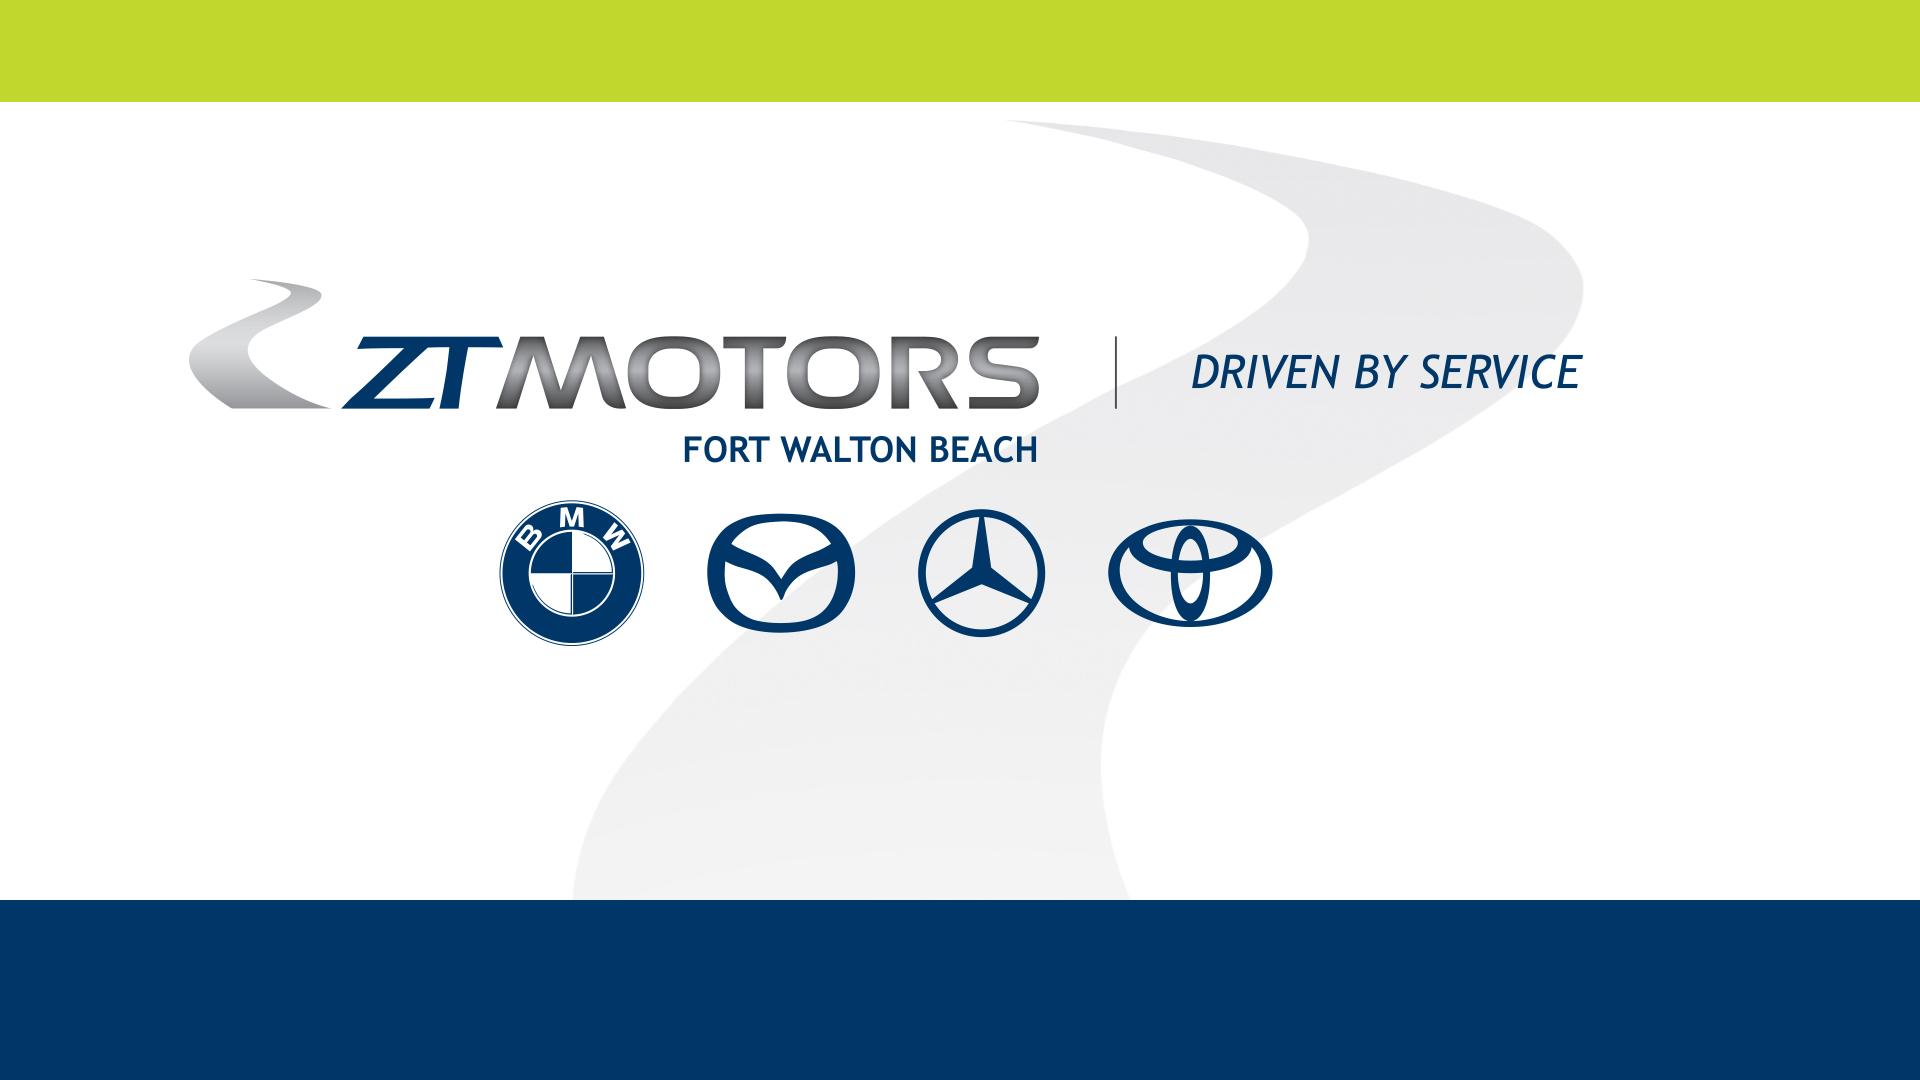 ZT Dealers Automotive Dealership | Fort Walton Beach